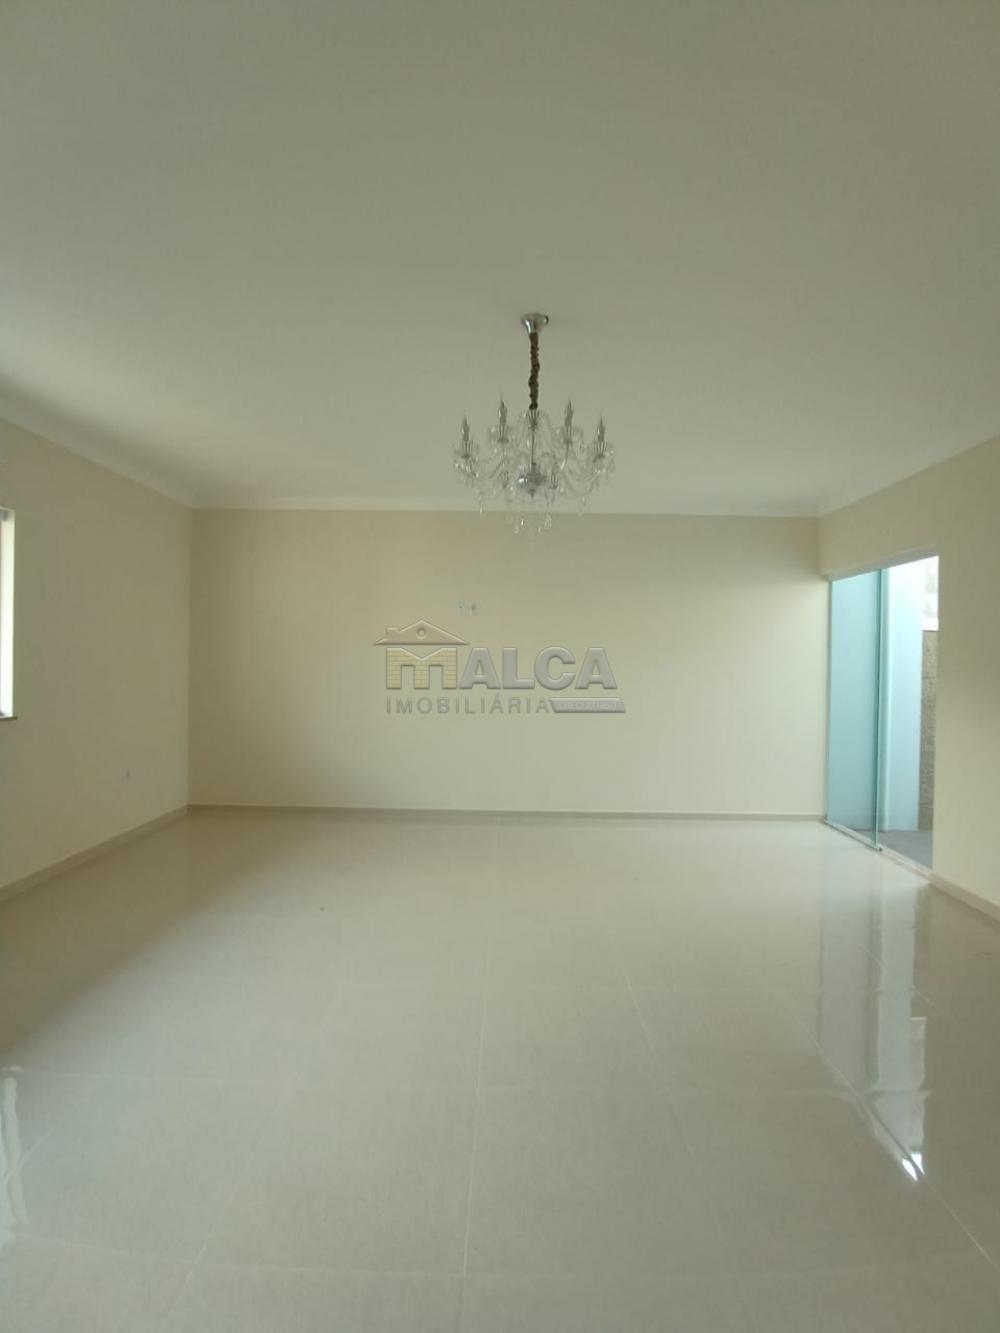 Alugar Casas / Padrão em São José do Rio Pardo apenas R$ 1.800,00 - Foto 8